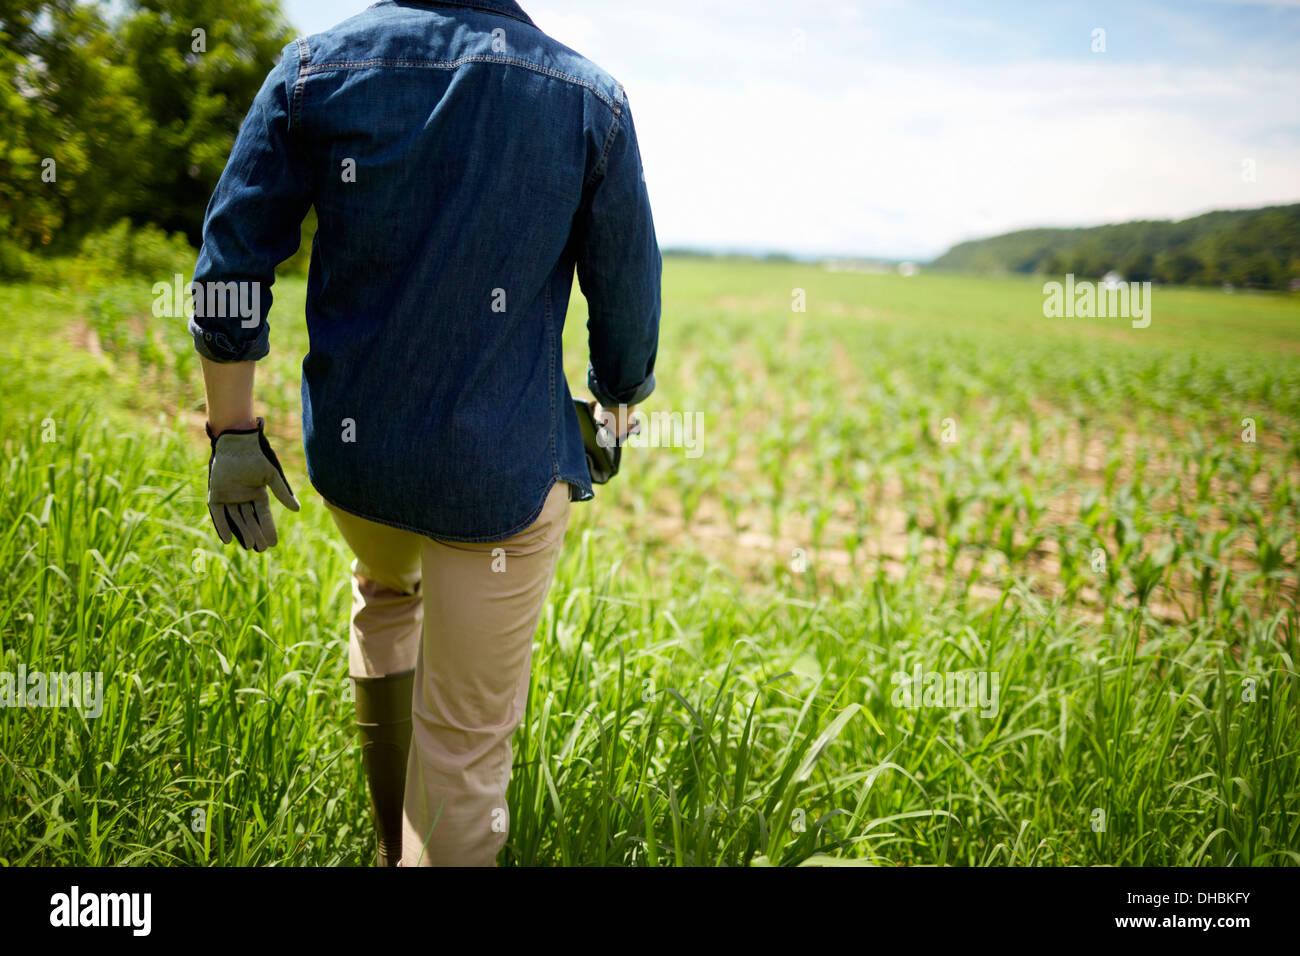 Un agricoltore lavora nei suoi campi nello Stato di New York, Stati Uniti d'America. Immagini Stock